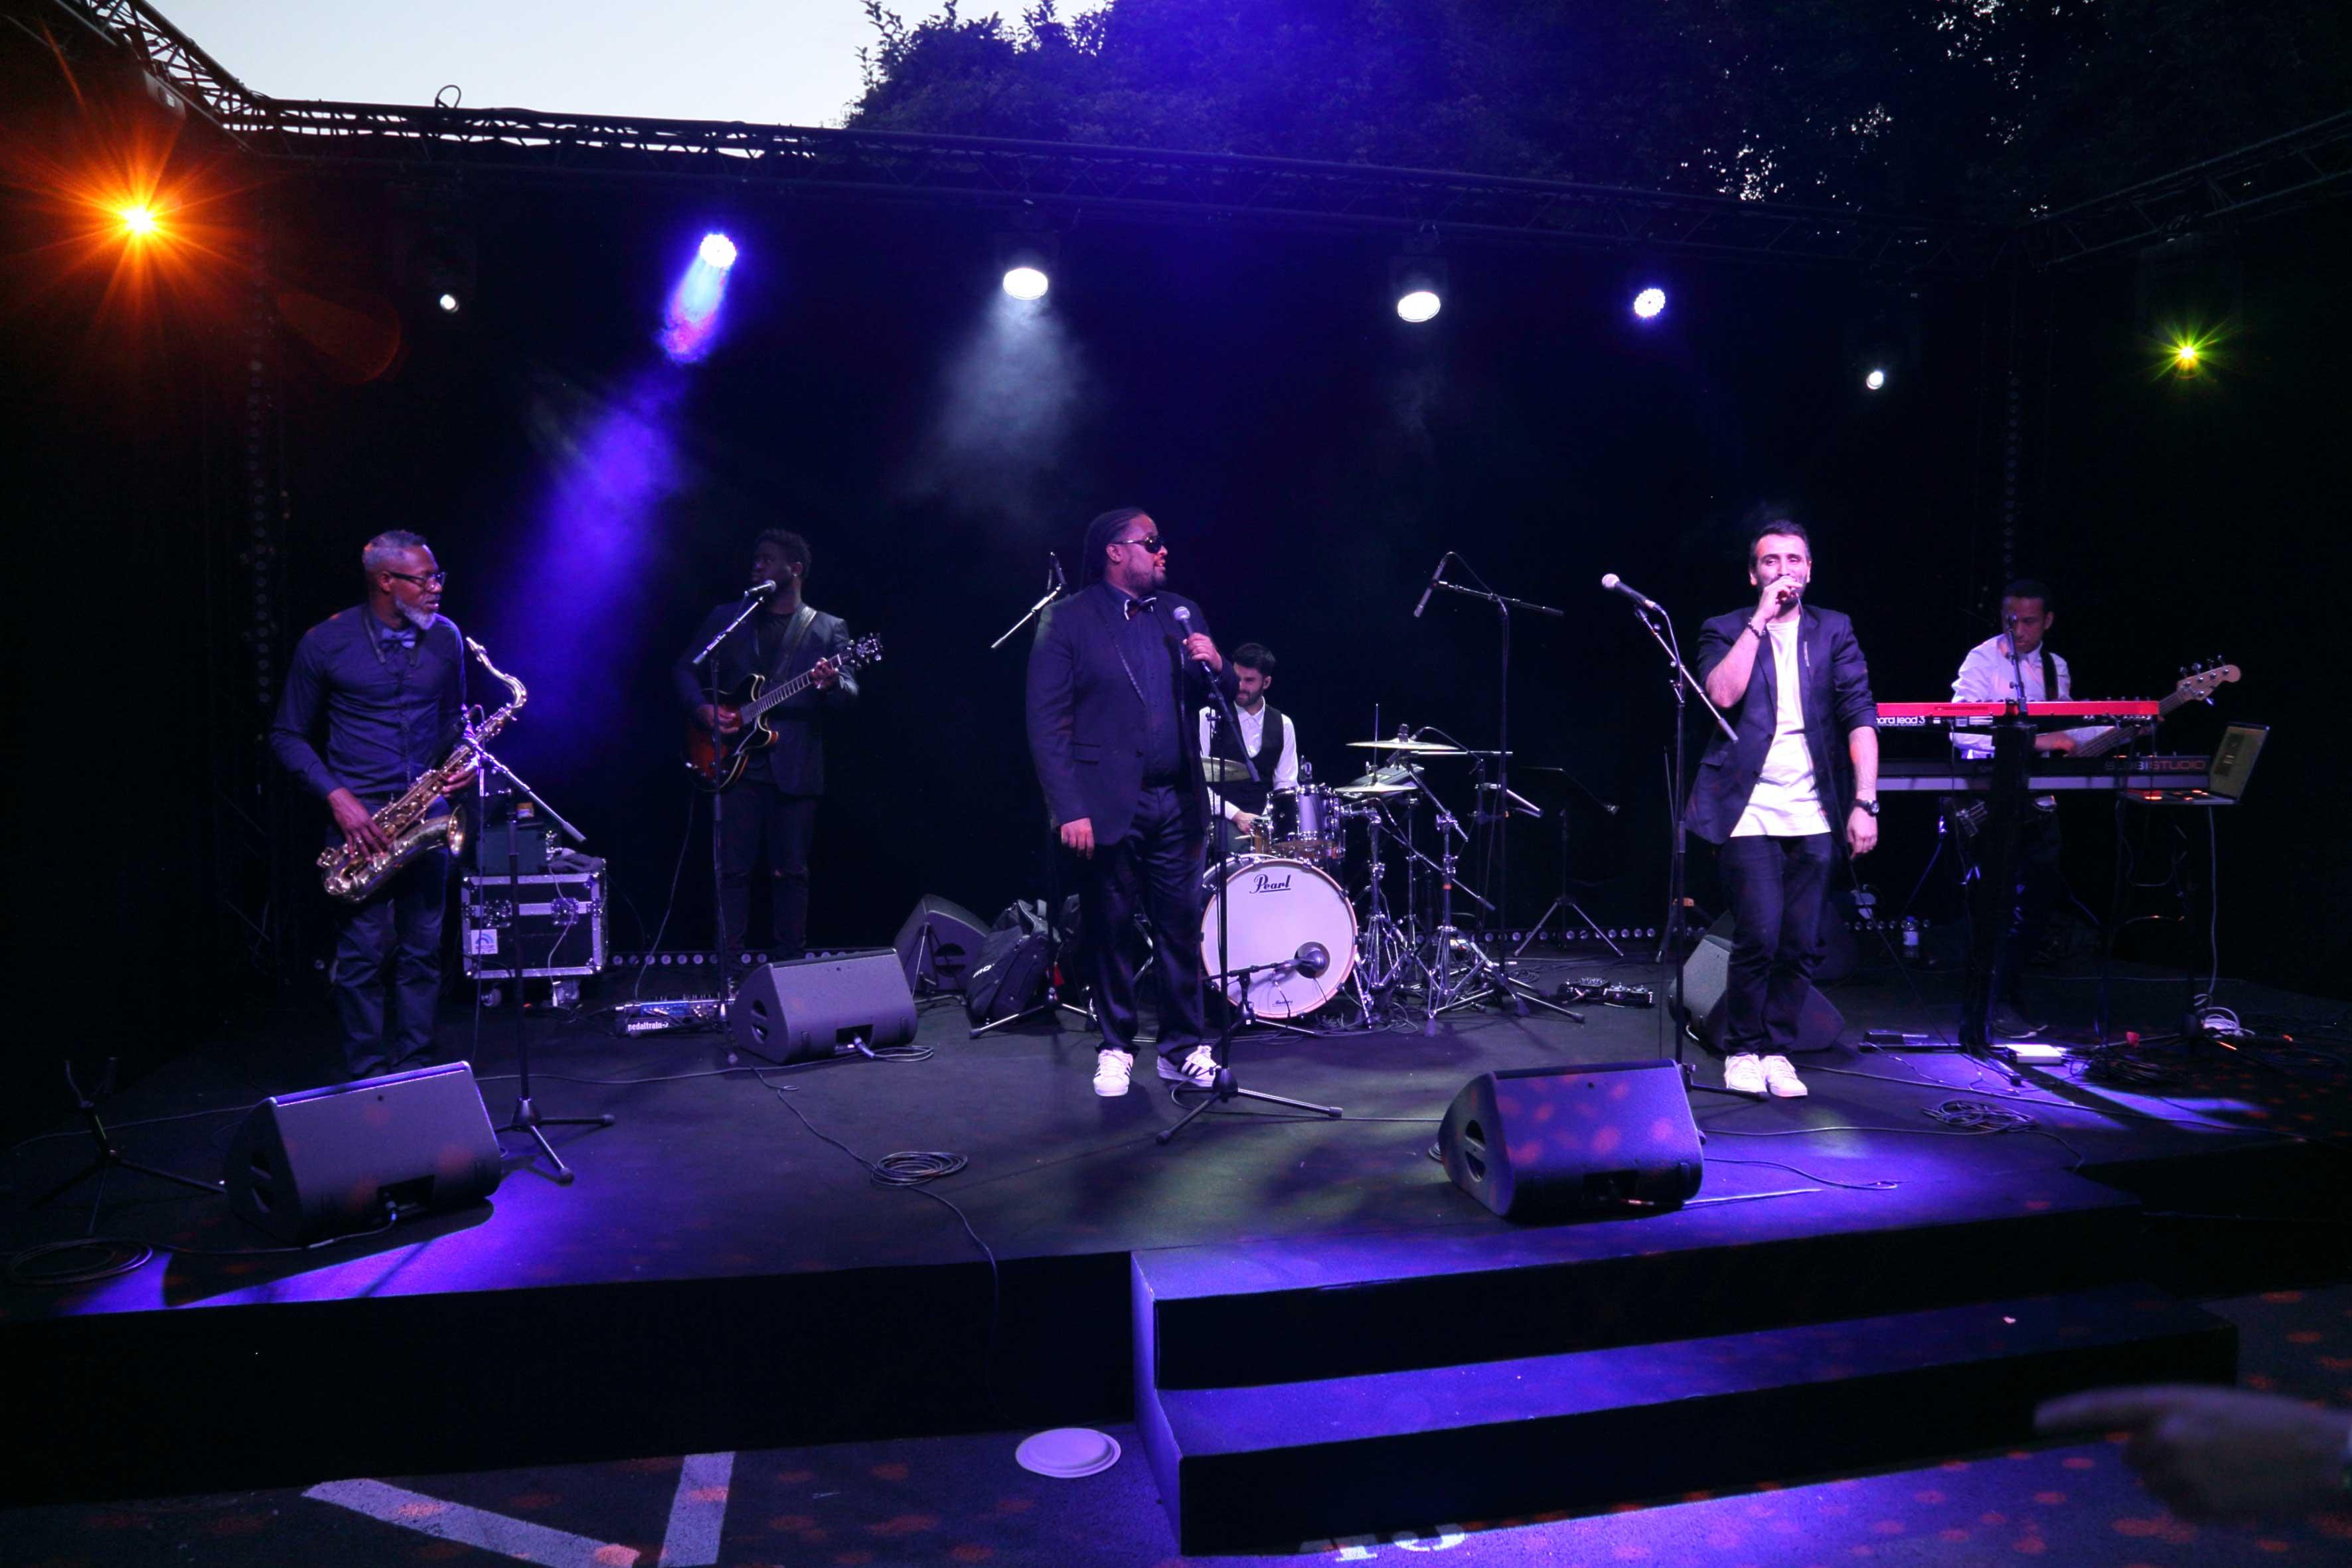 aucop-soiree-wissous-paris-music-events-agency-concert-29-juin